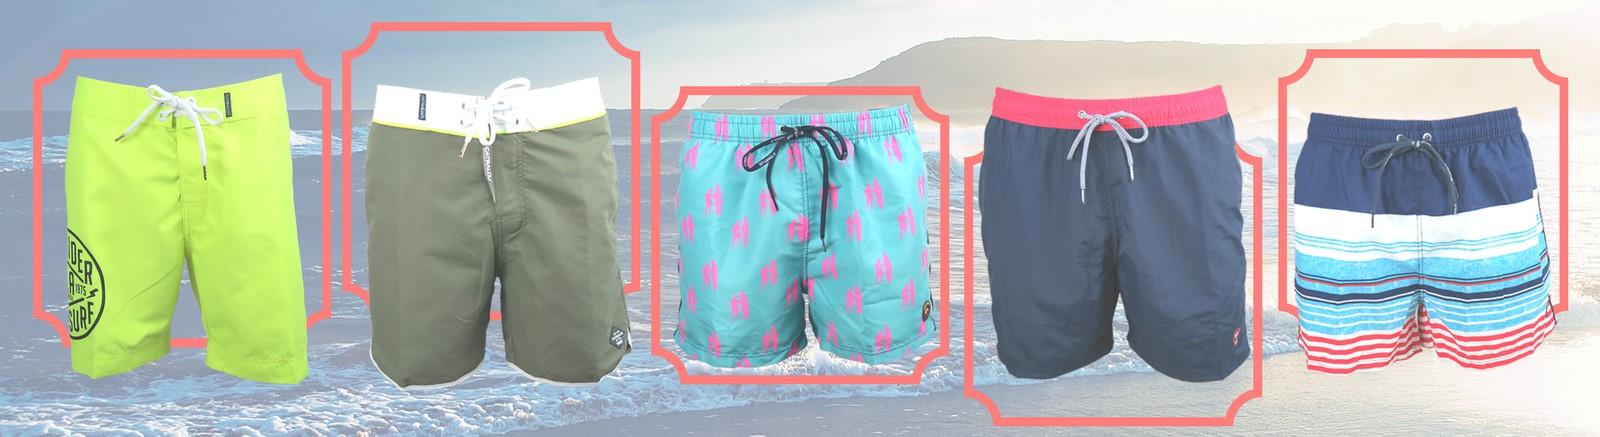 Fabricación de trajes de baño. Tips de producción en nuestro BLOG y muchos nuevos modelos con distintos materiales agregados en nuestro catálogo.